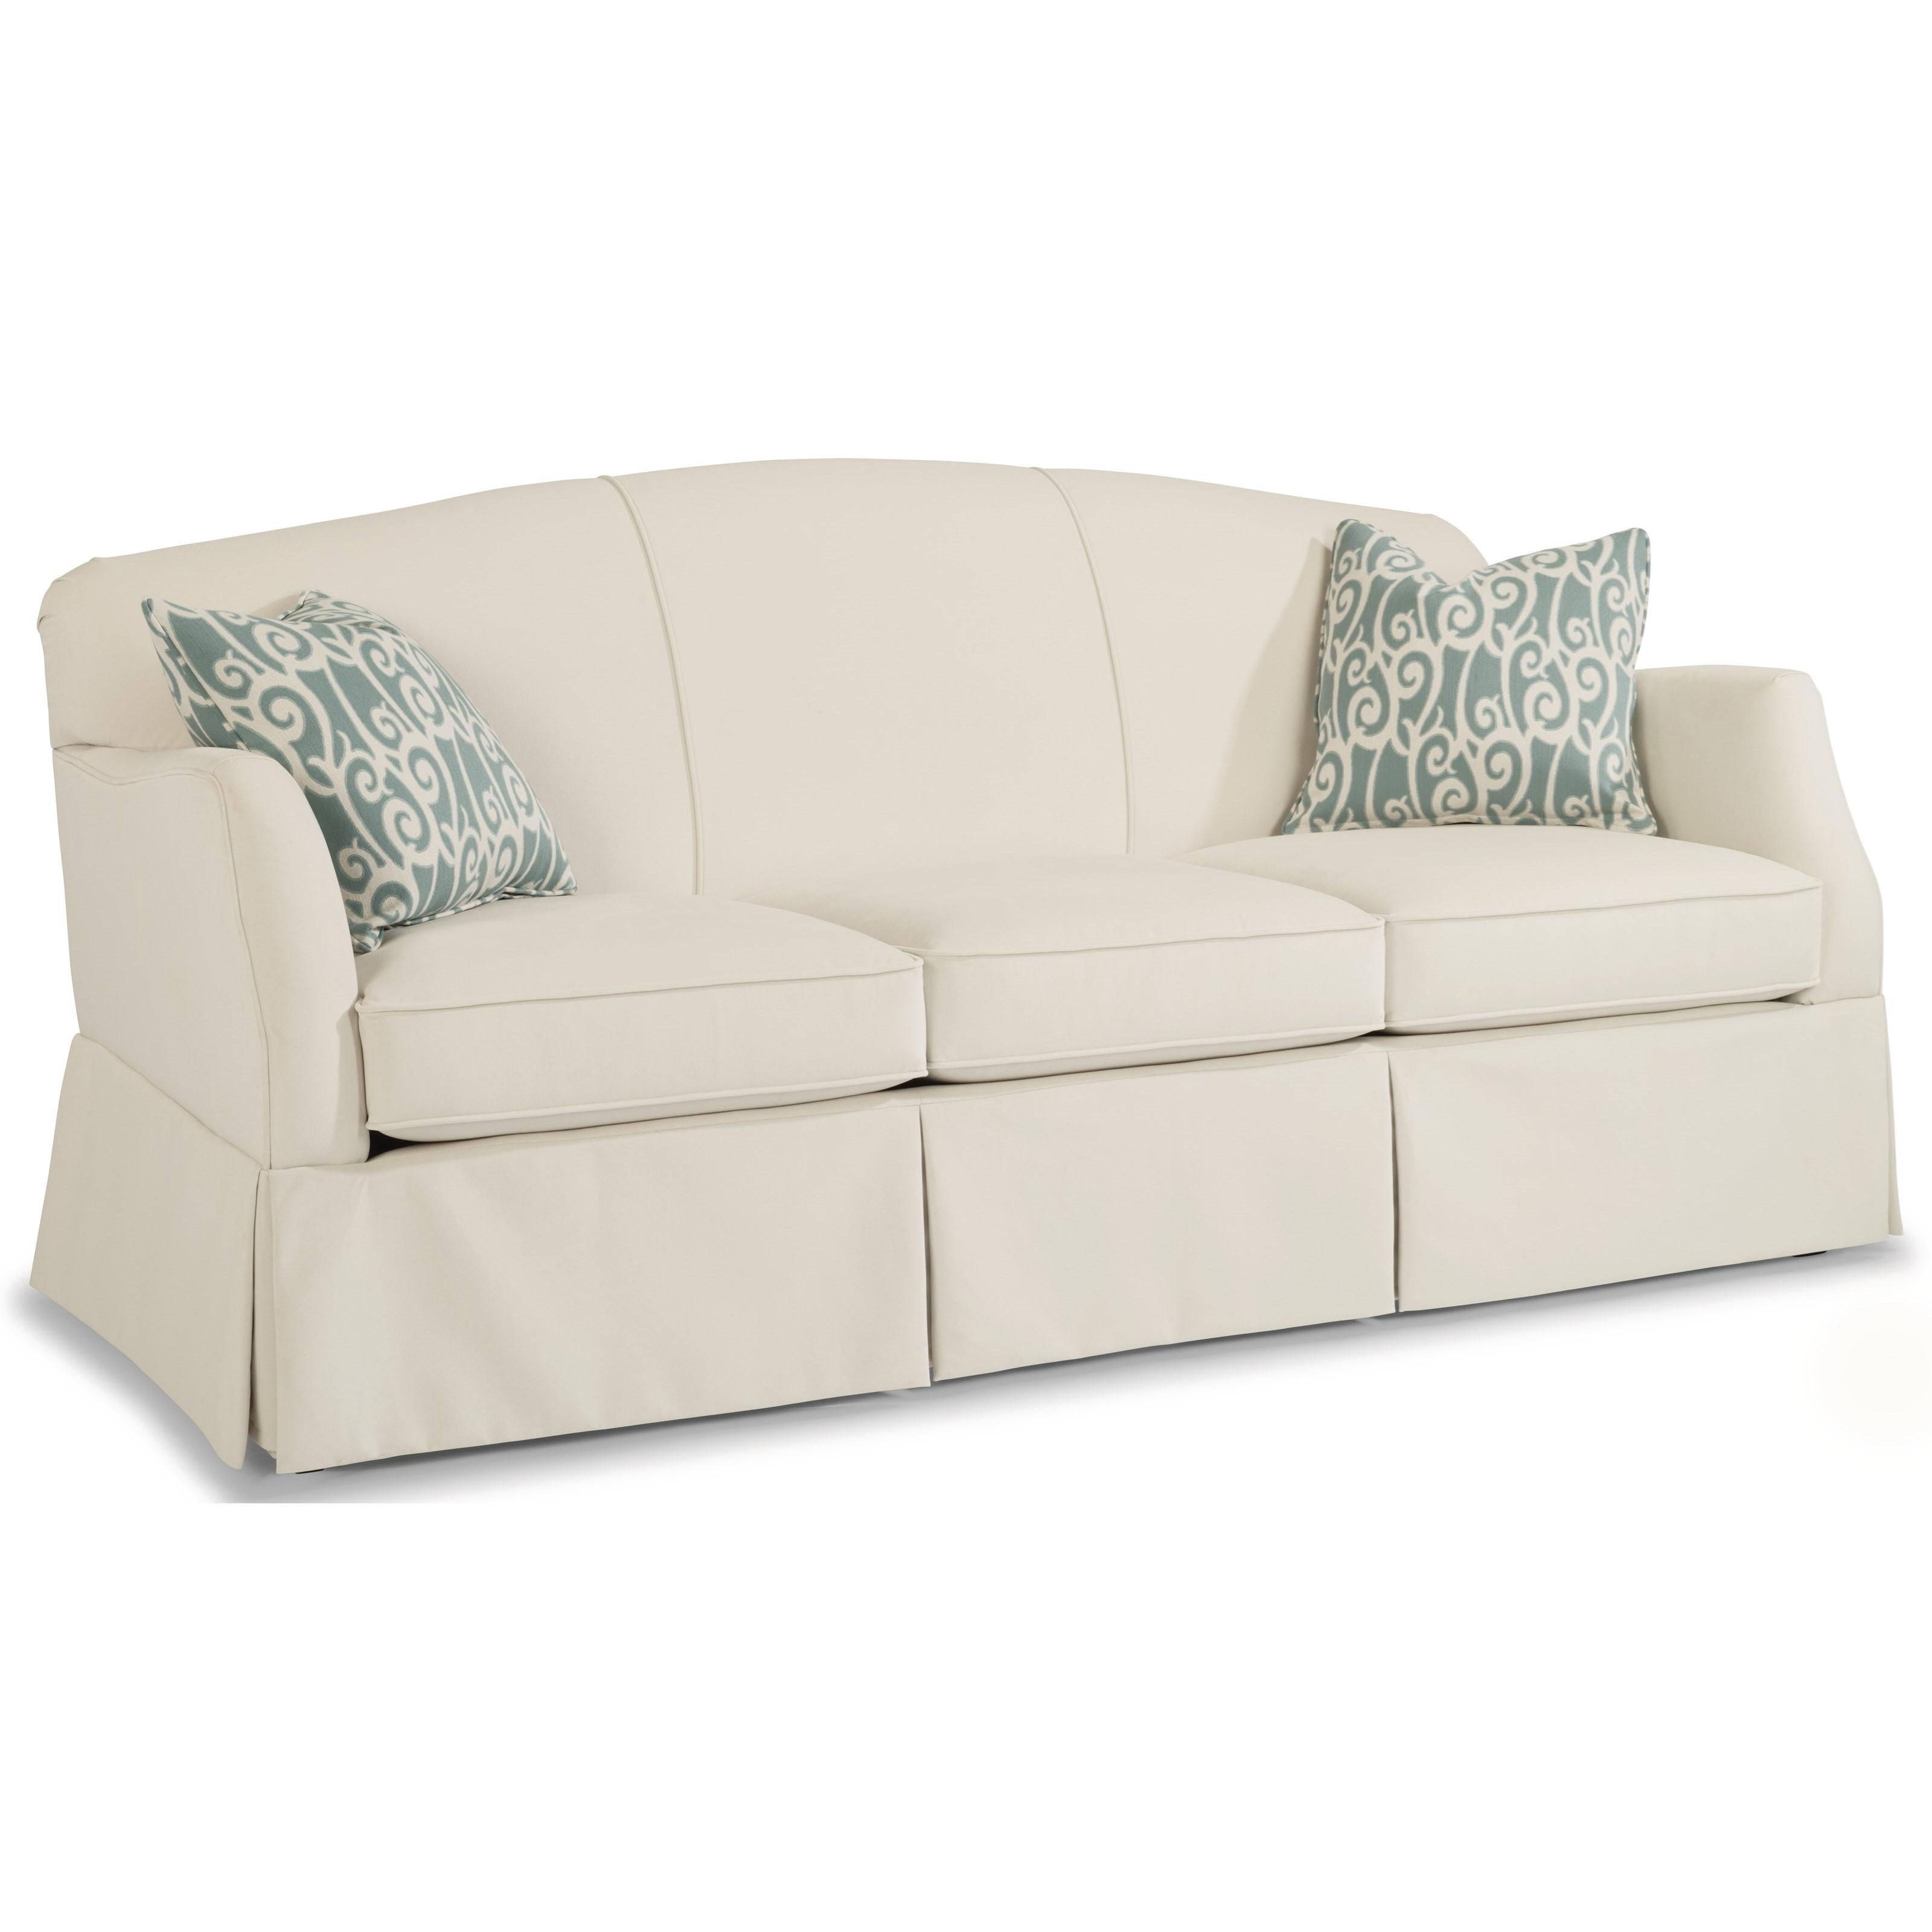 Flexsteel Pearl Sofa   Item Number: 5460 31 376 11